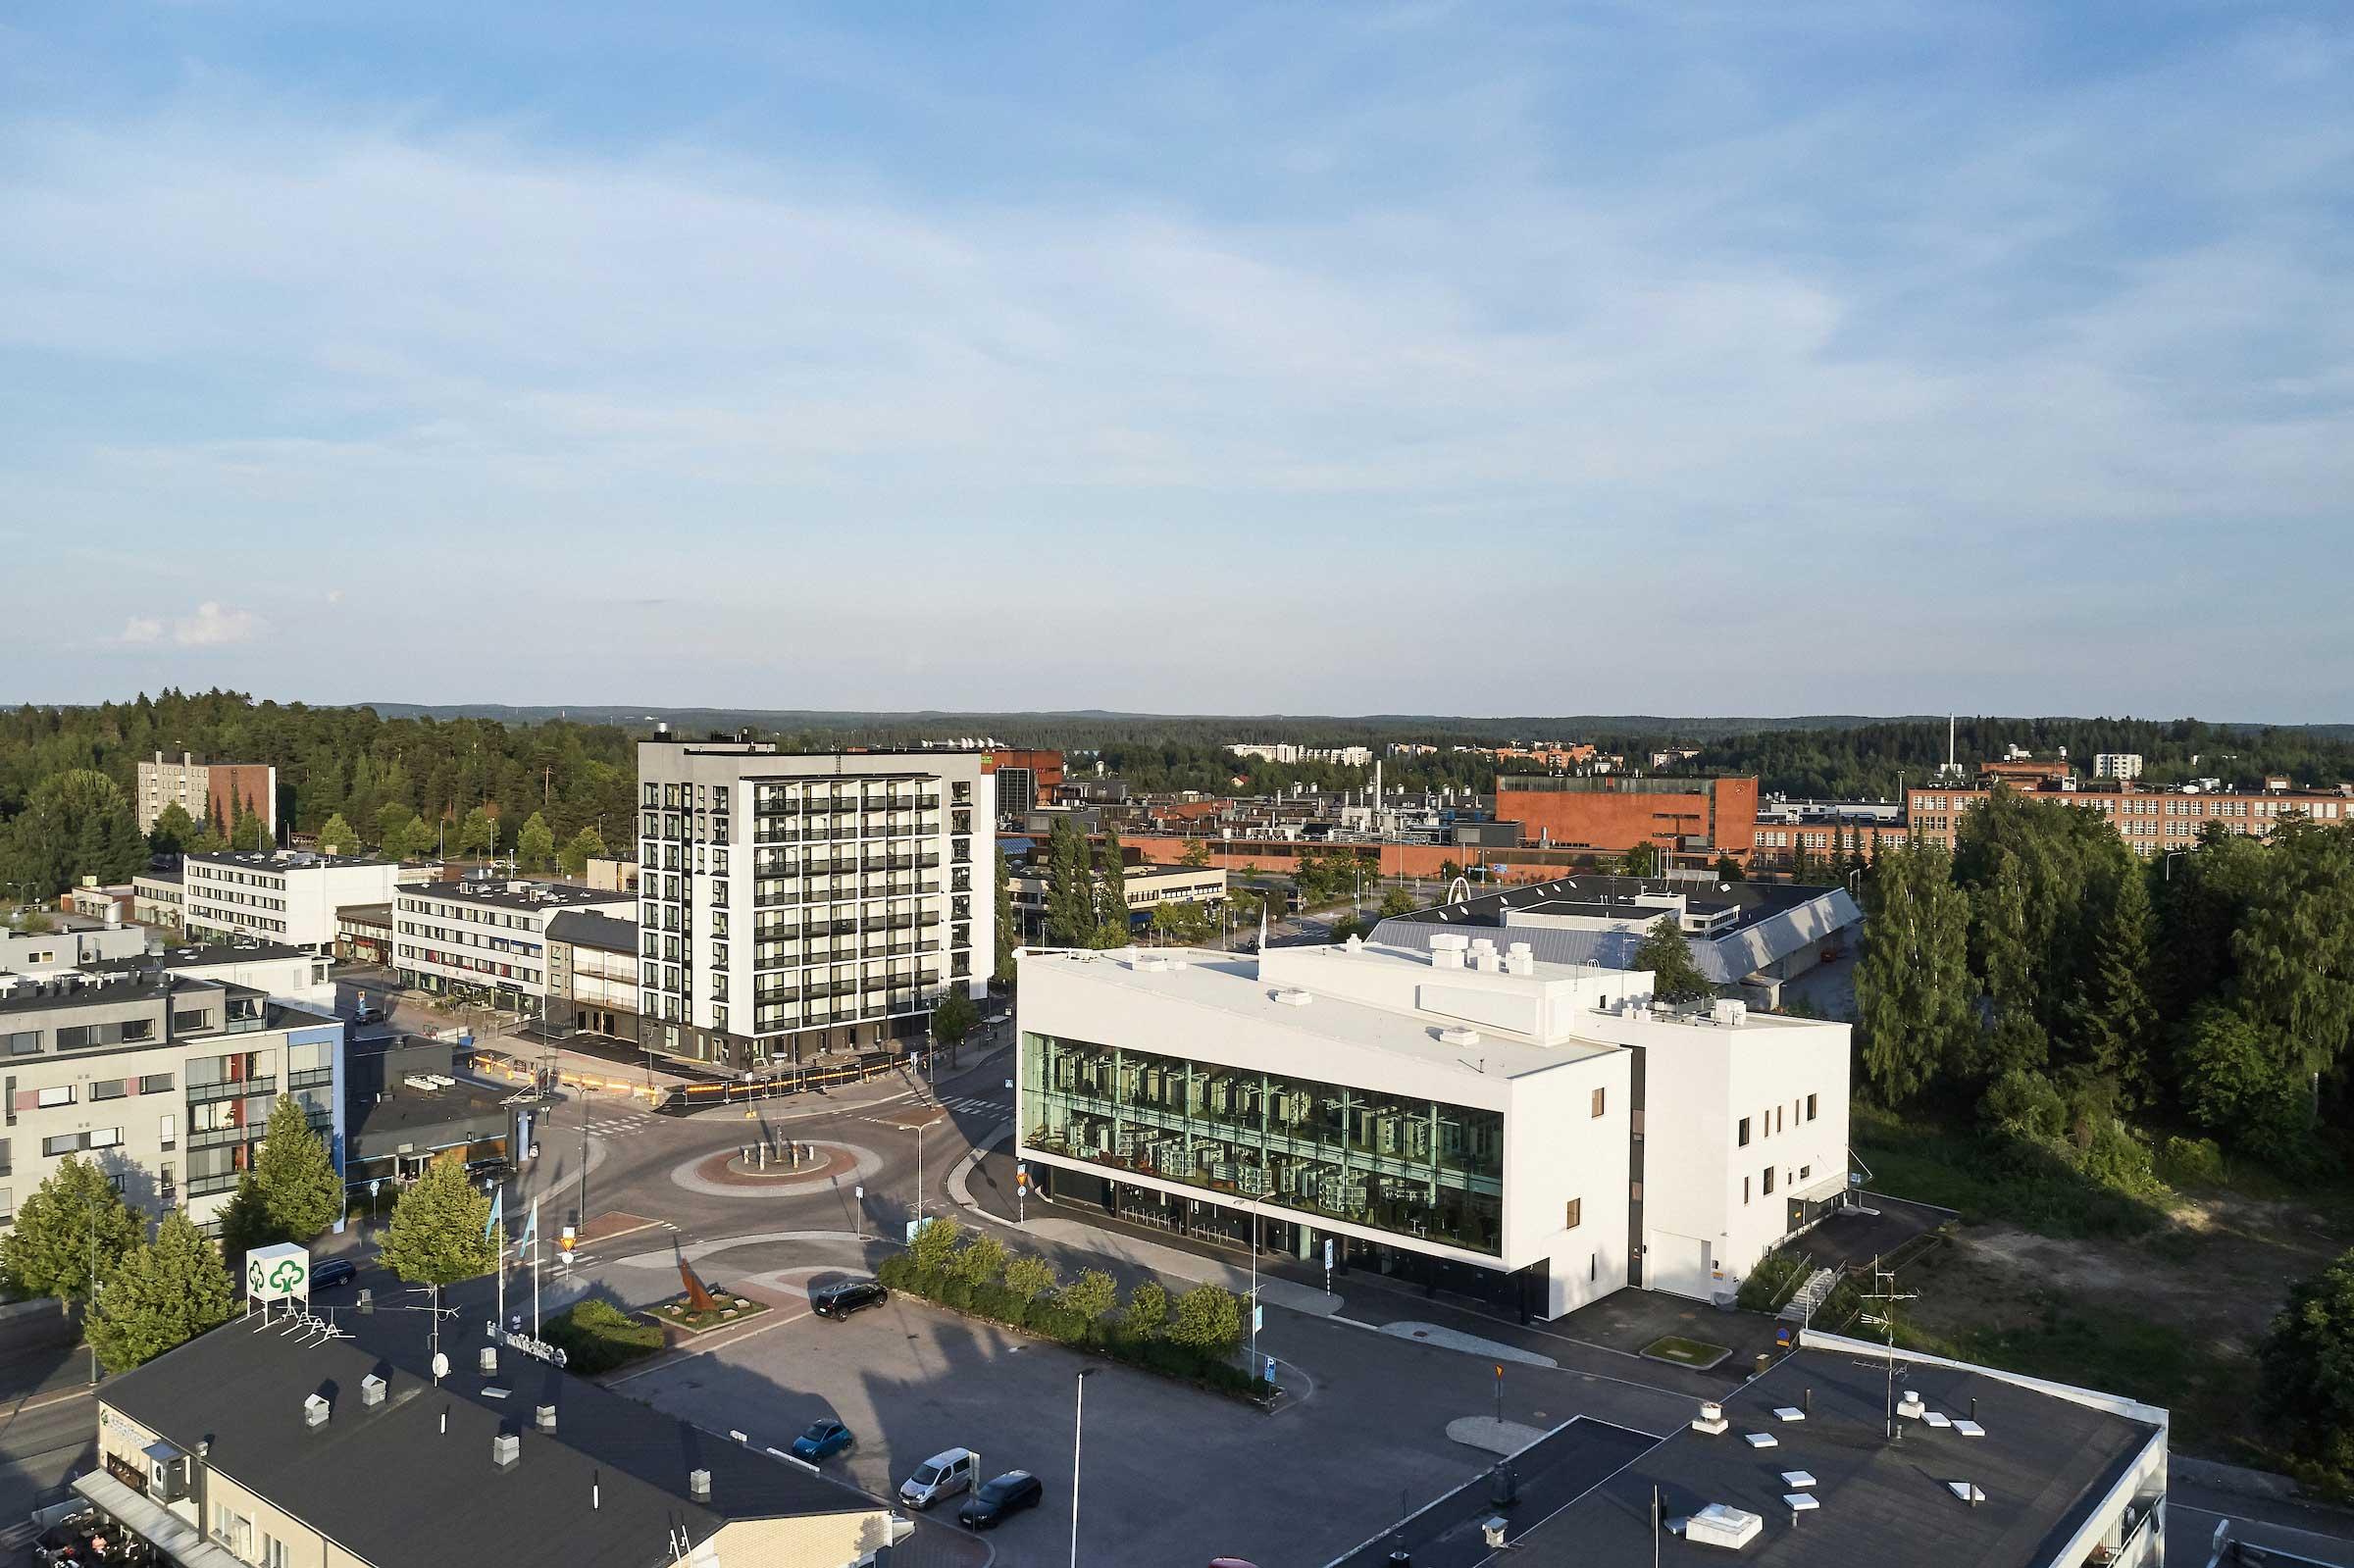 Nokian ydinkeskustan uusi maamerkki on kirjasto- ja kulttuuritalo Virta. Sen viereen Välikadulle on rakentunut uusi korkea kerrostalo, jonka takana näkyy Pirkkalaistoria.